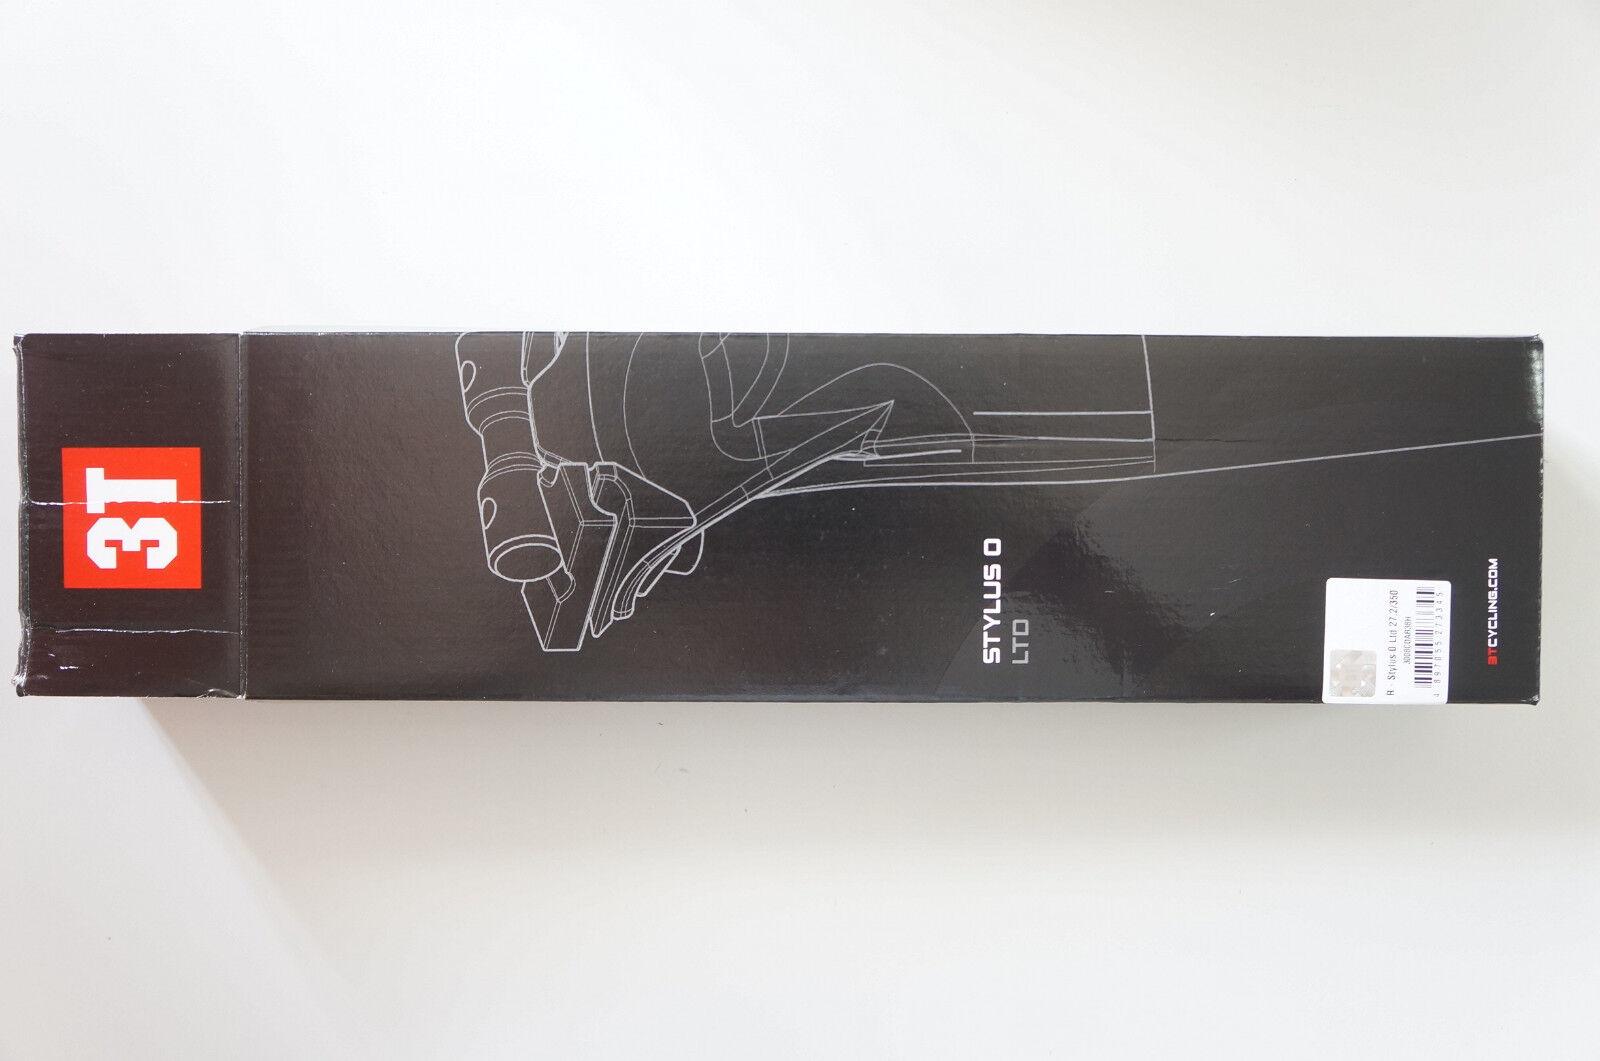 3t Stylus LTD Tija de sillín CocheBONO 27.2mm 350mm UD Gloss Negro NUEVO  801